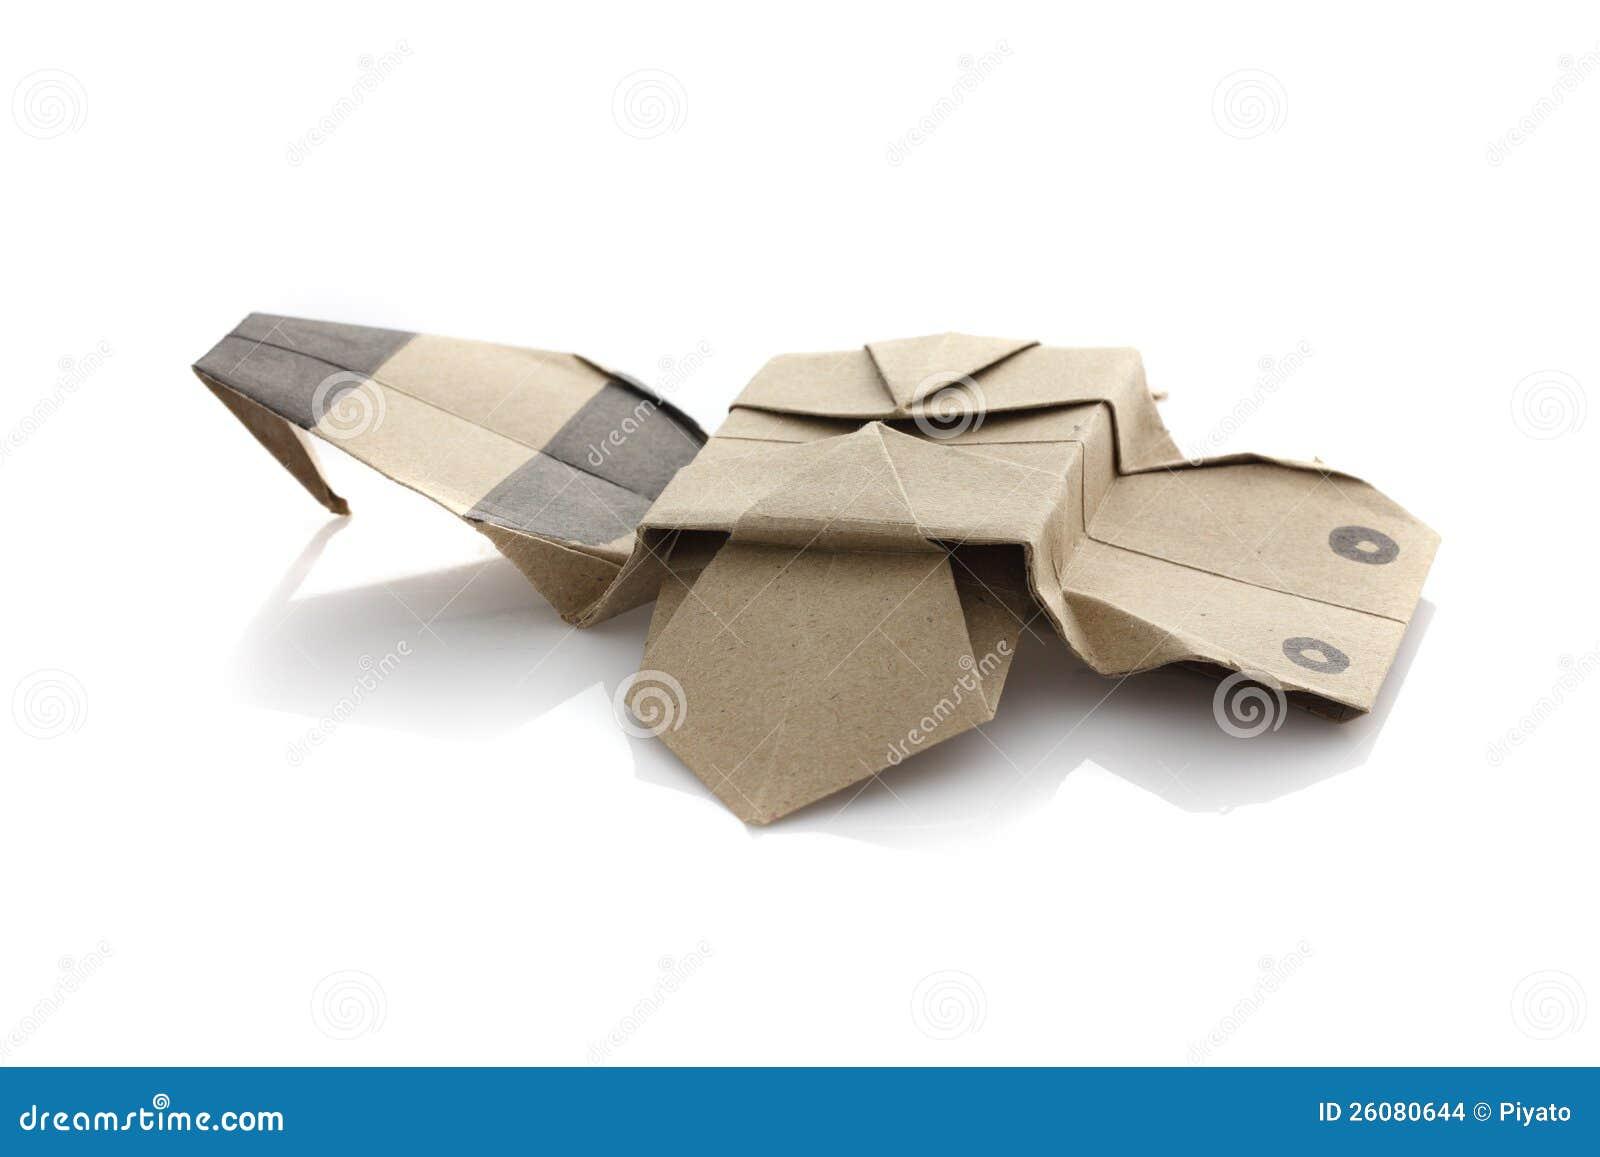 Origami Biene Stock Abbildung Illustration Von Futuristisch 26080644